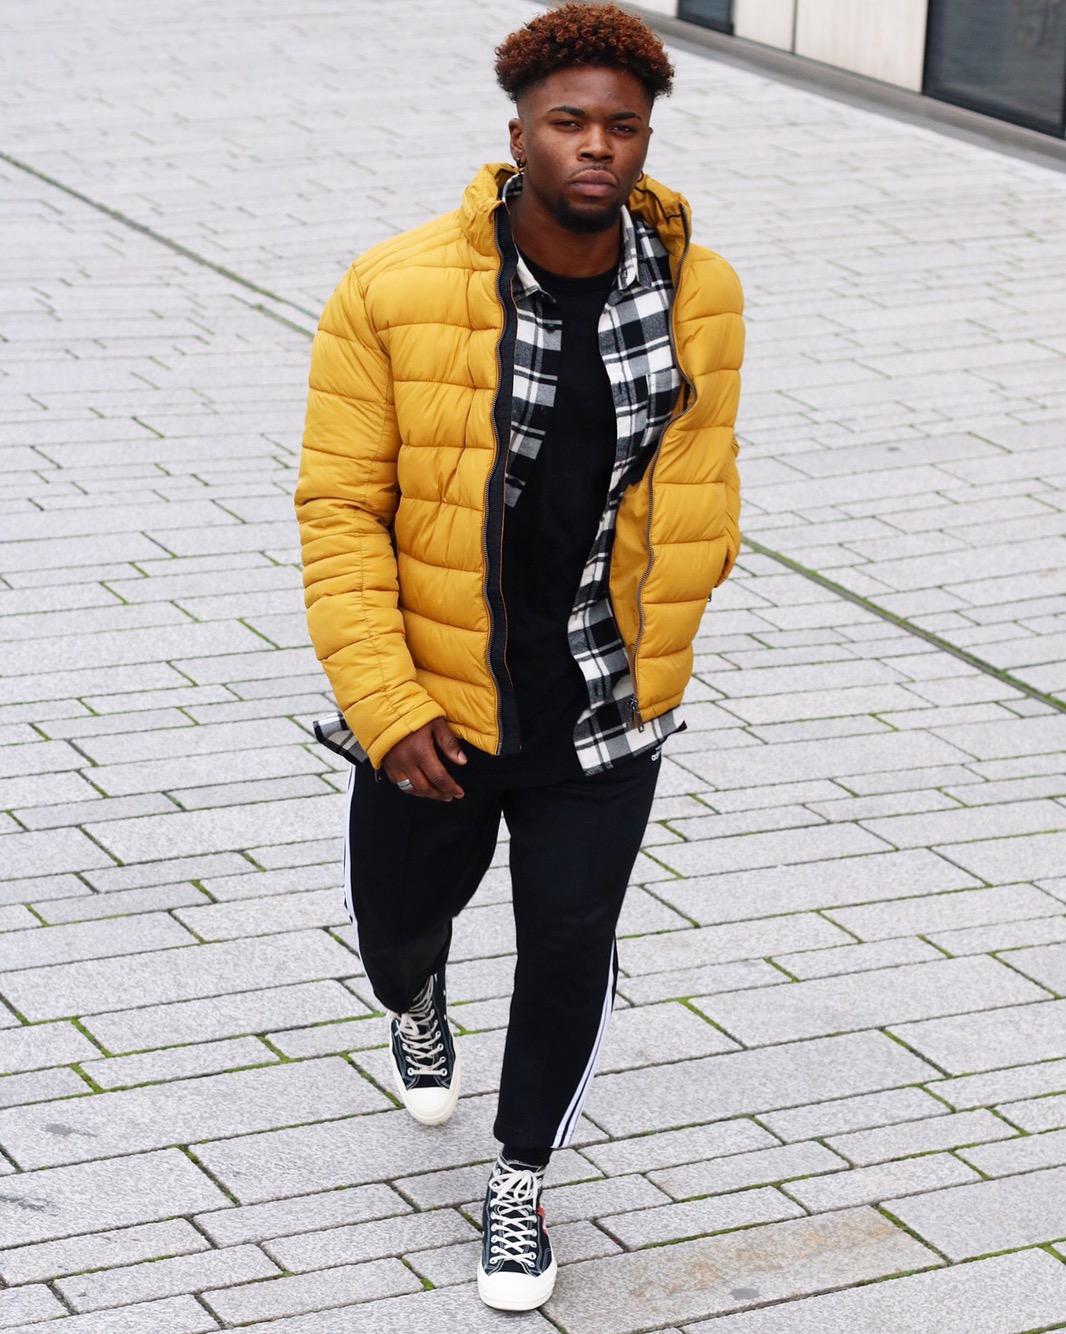 Autumn/Winter 2017: The best Winter Jackets of thisseason